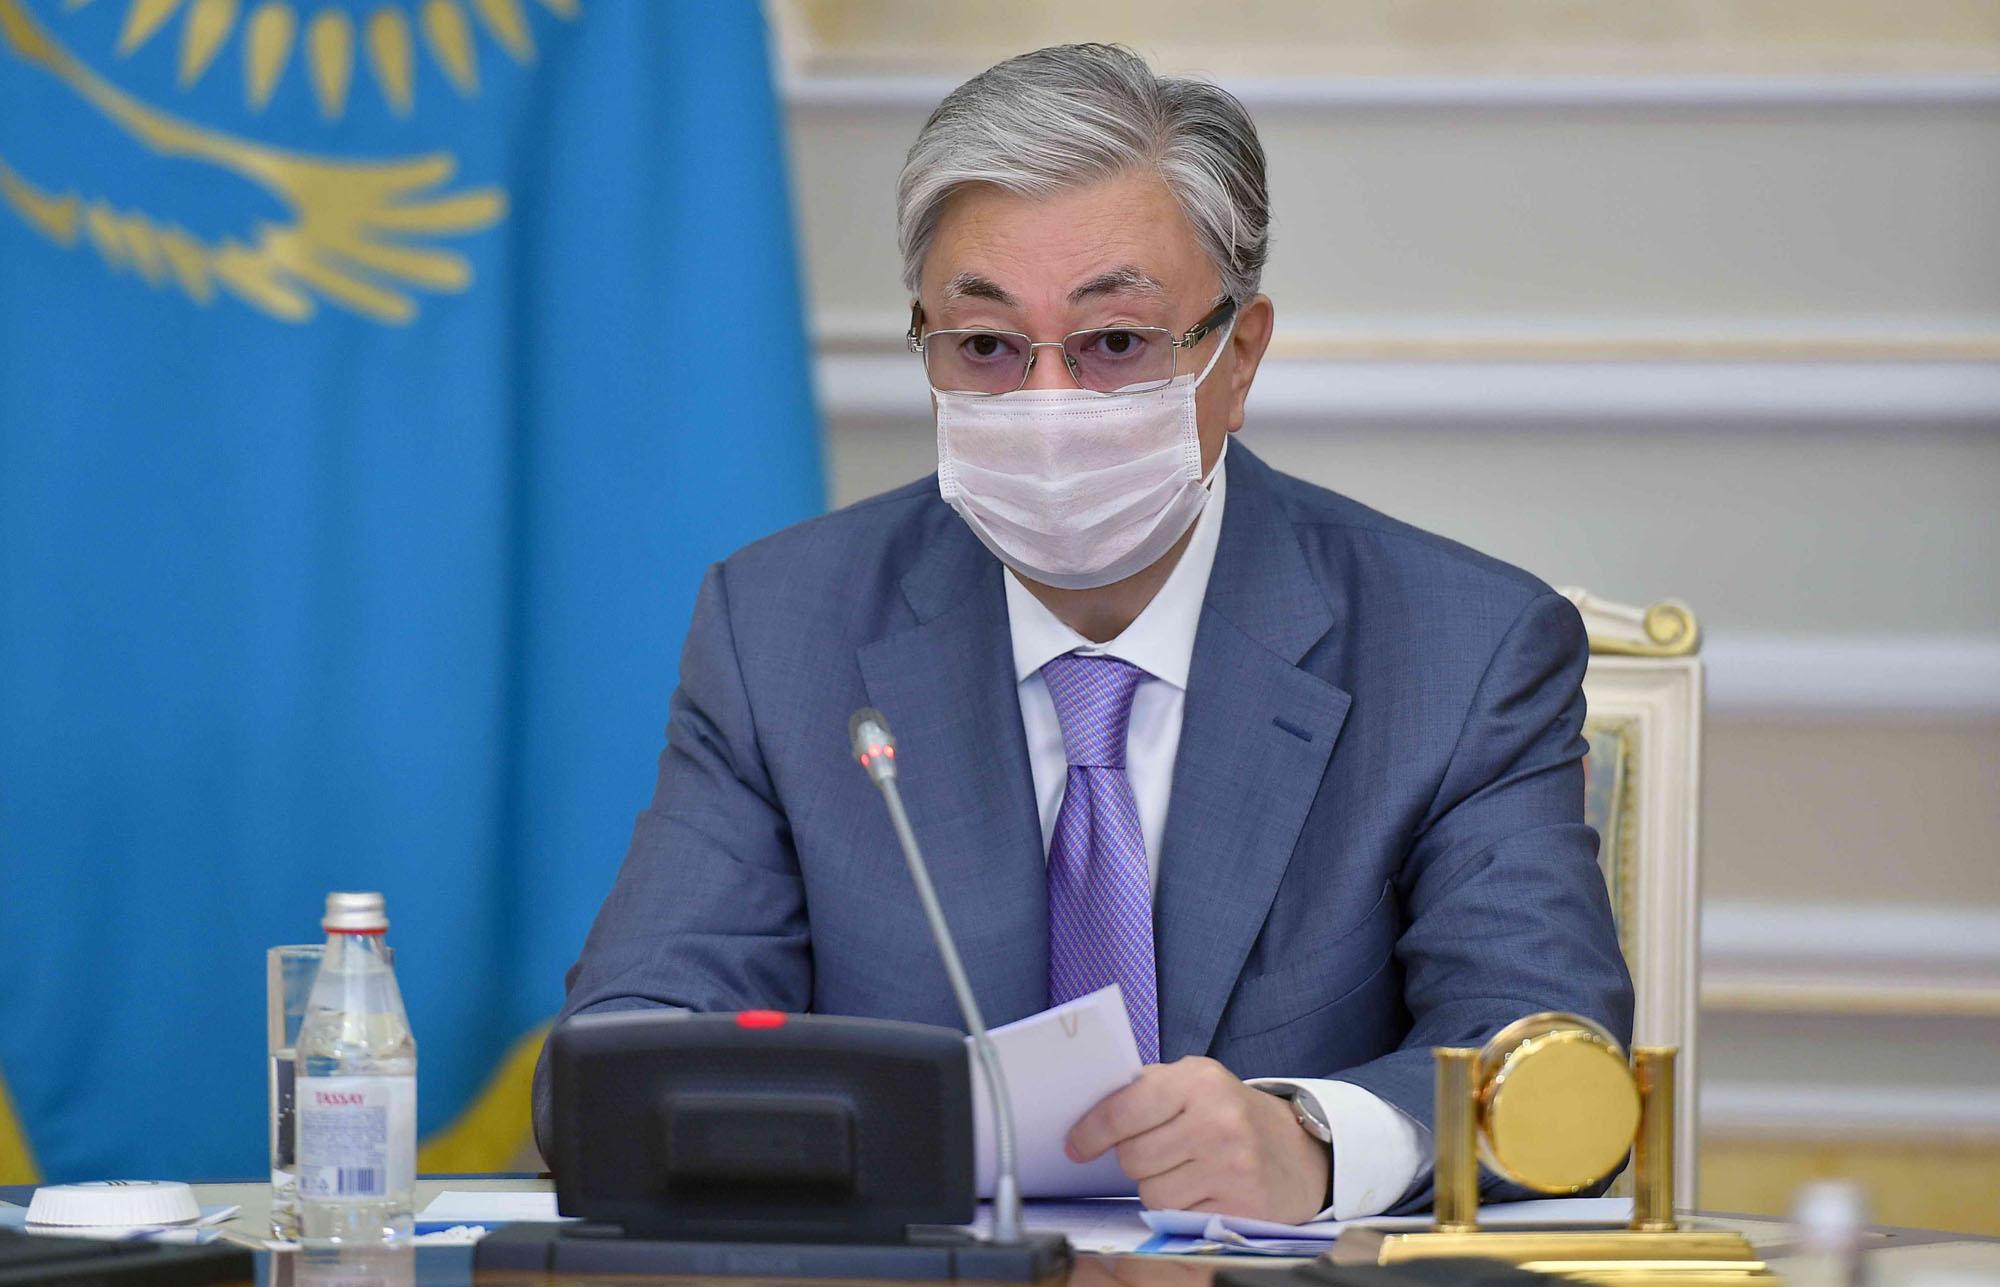 Токаев заявил о необходимости в кратчайшие сроки начать в стране проработку базовых реформ